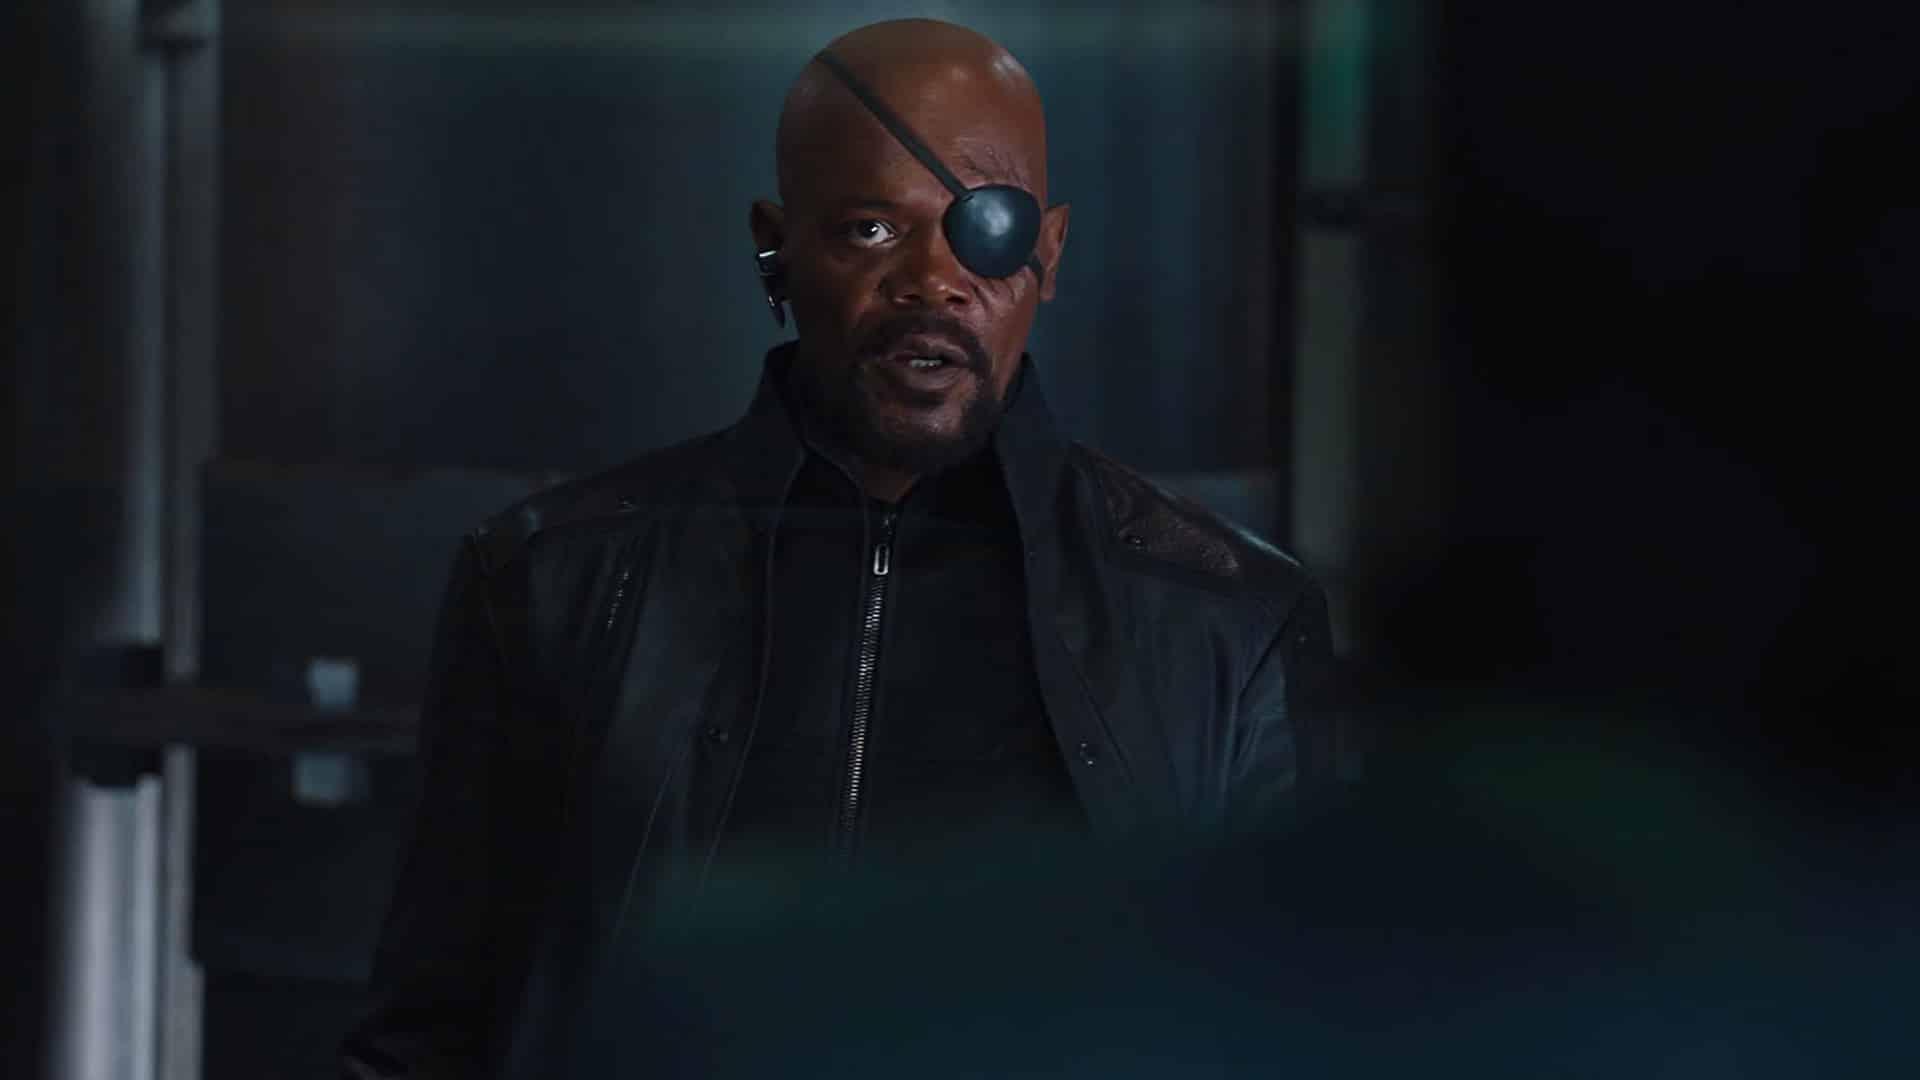 Nick Fury potrebbe ottenere un ruolo da protagonista nel MCU